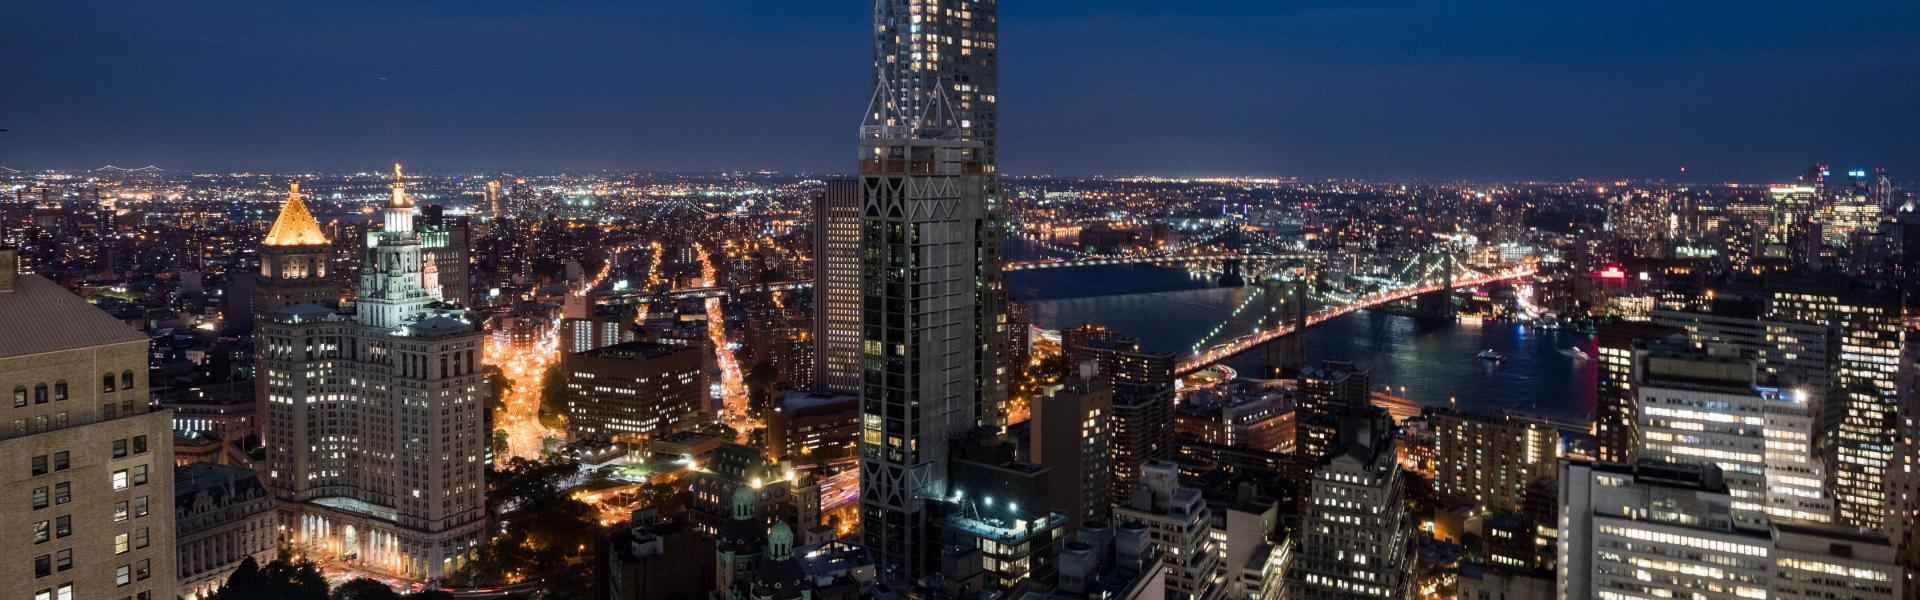 Skyline view from Millennium Hilton